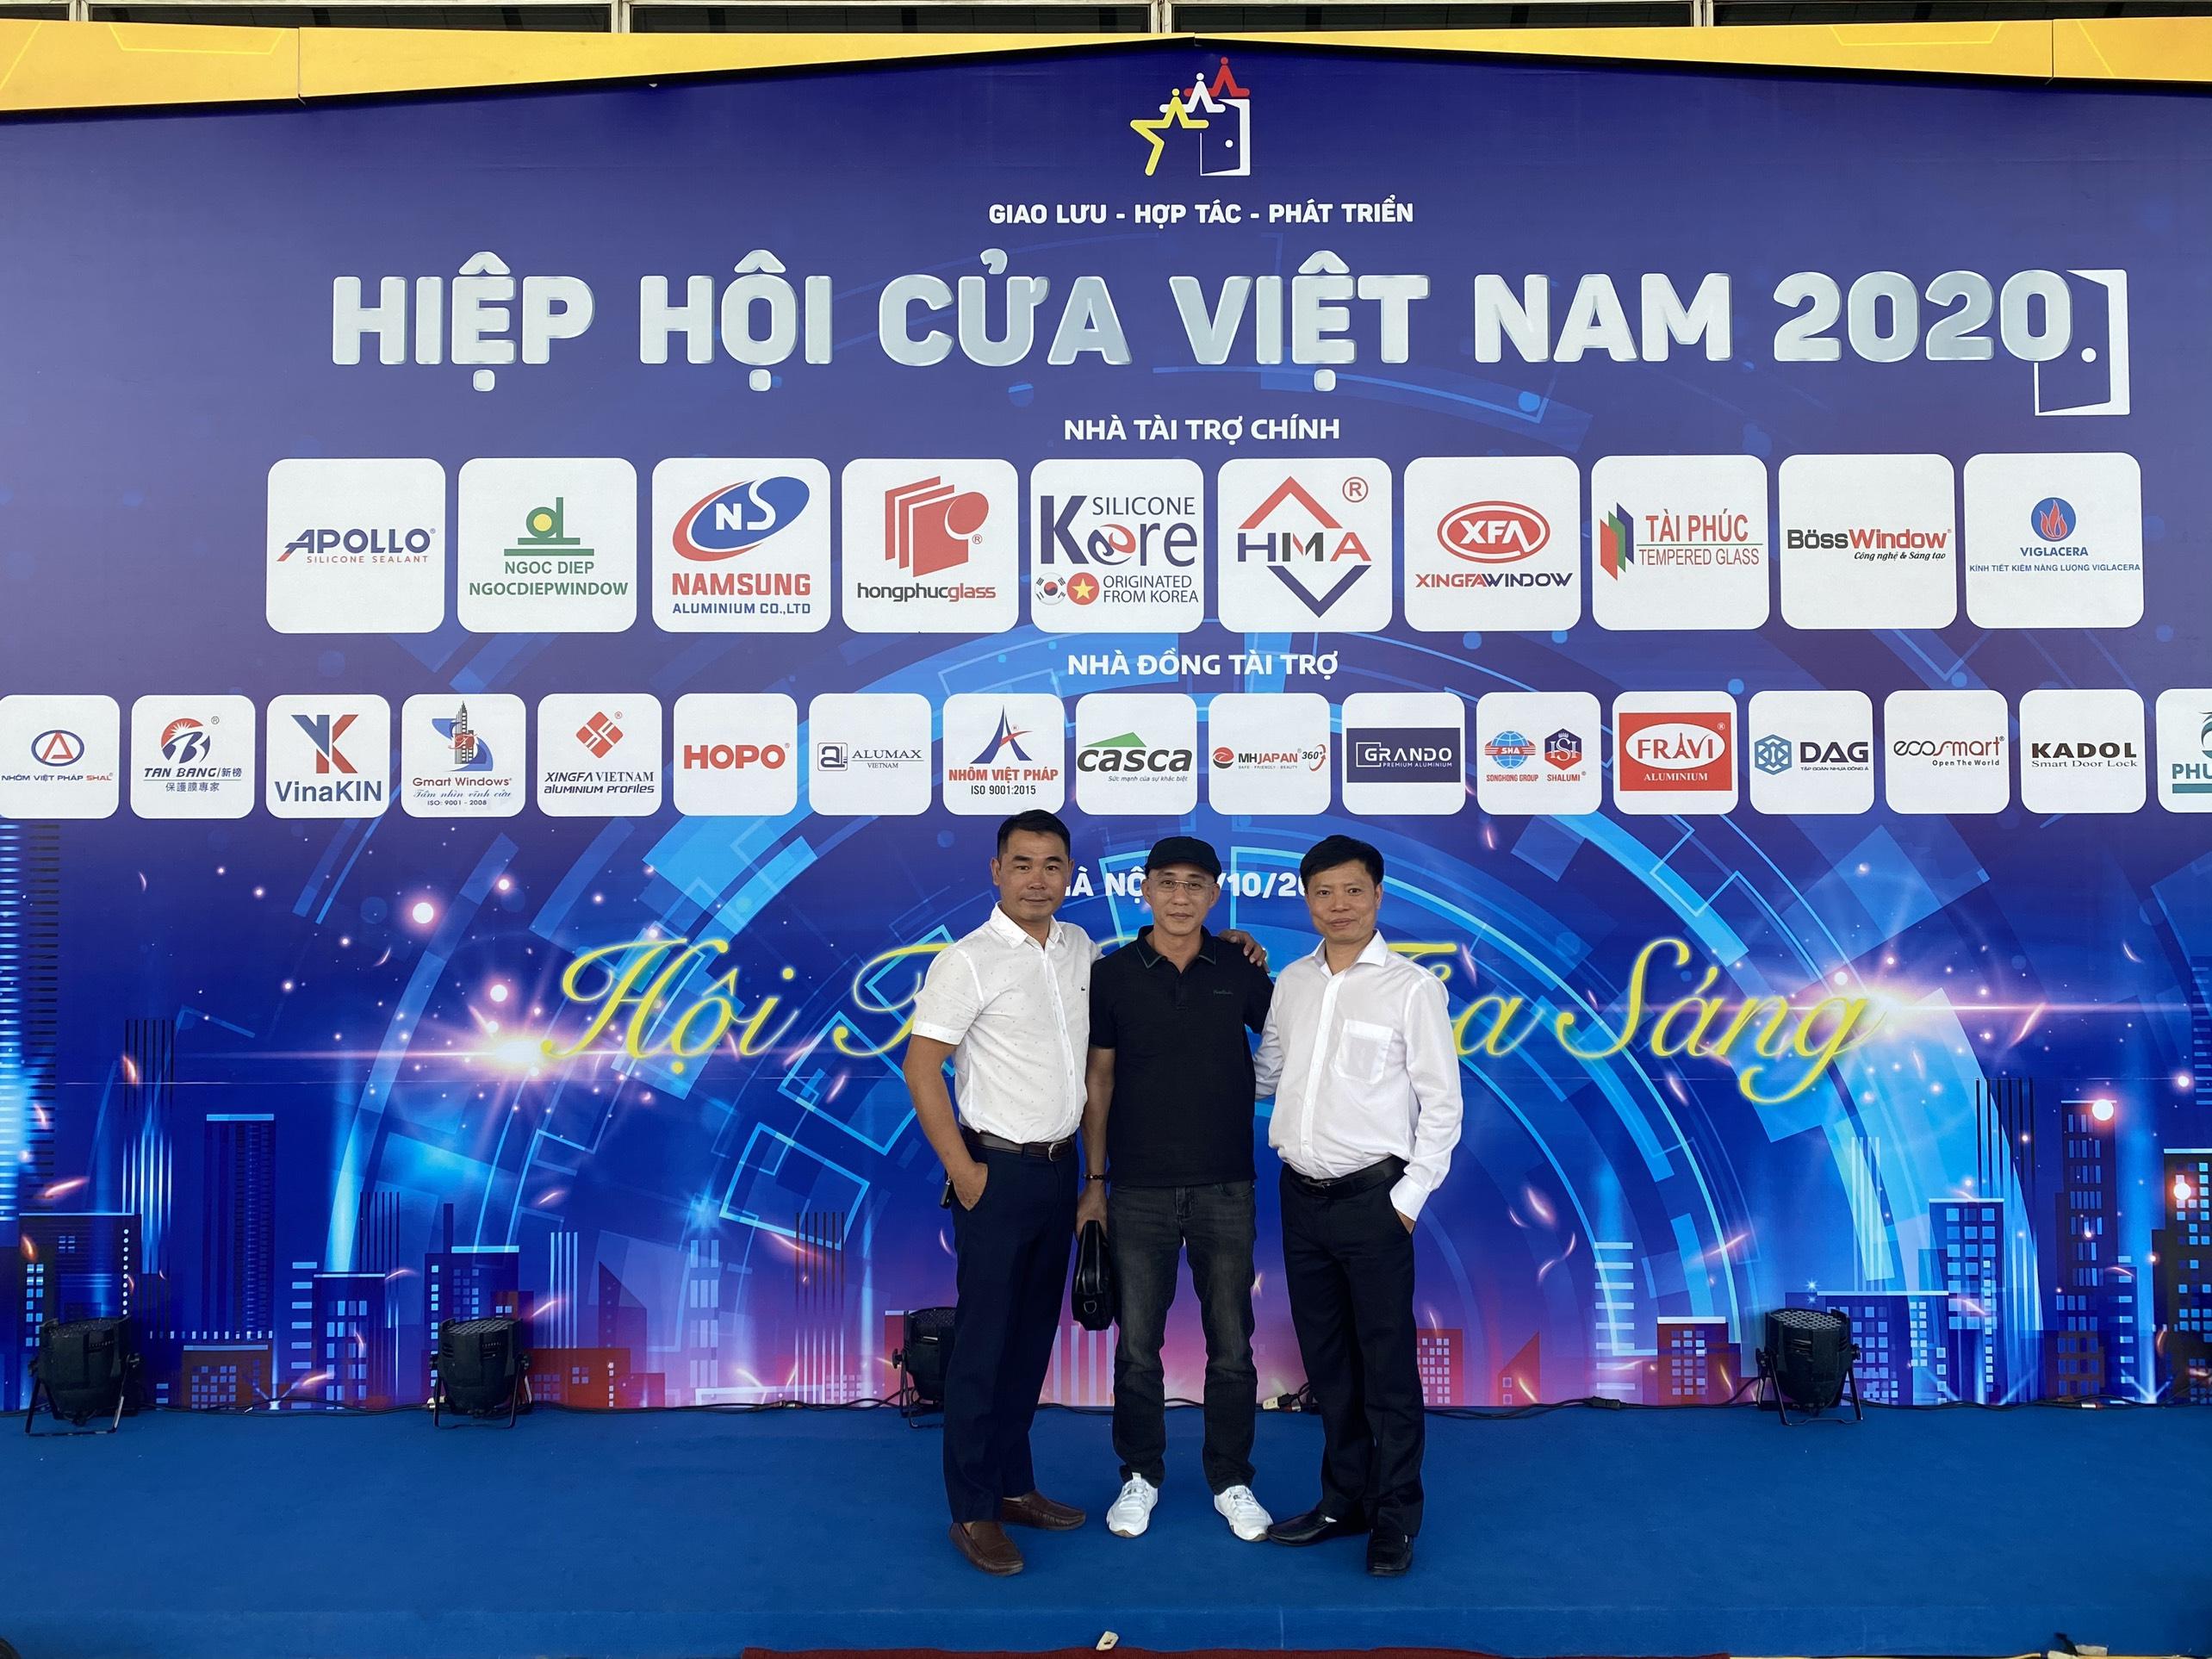 z2122585373581 1b15b4305714eb9db2fb4b7abe7b28b2 - ATA GROUP đồng tài trợ Đại hội thành lập Hiệp hội Cửa Việt Nam